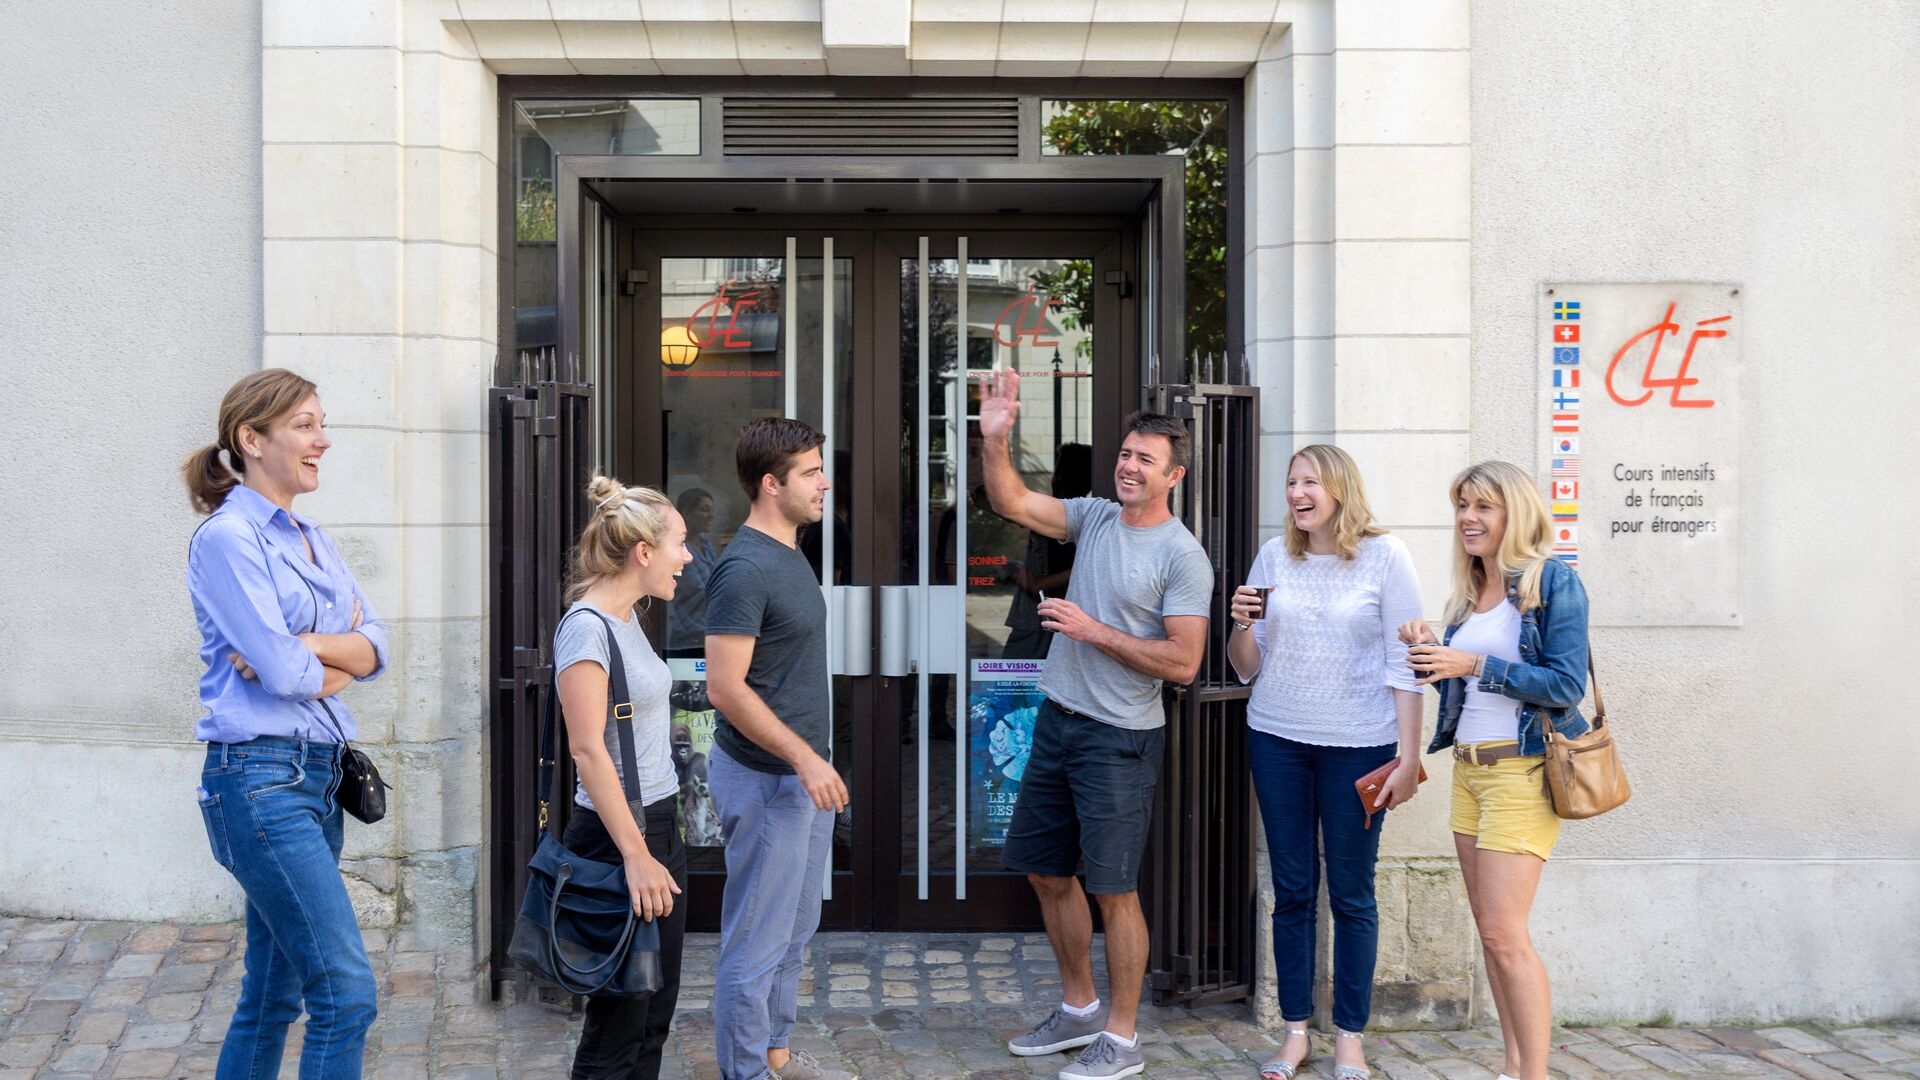 Sprachaufenthalt Sprachreise Französisch Frankreich in Tours CLE